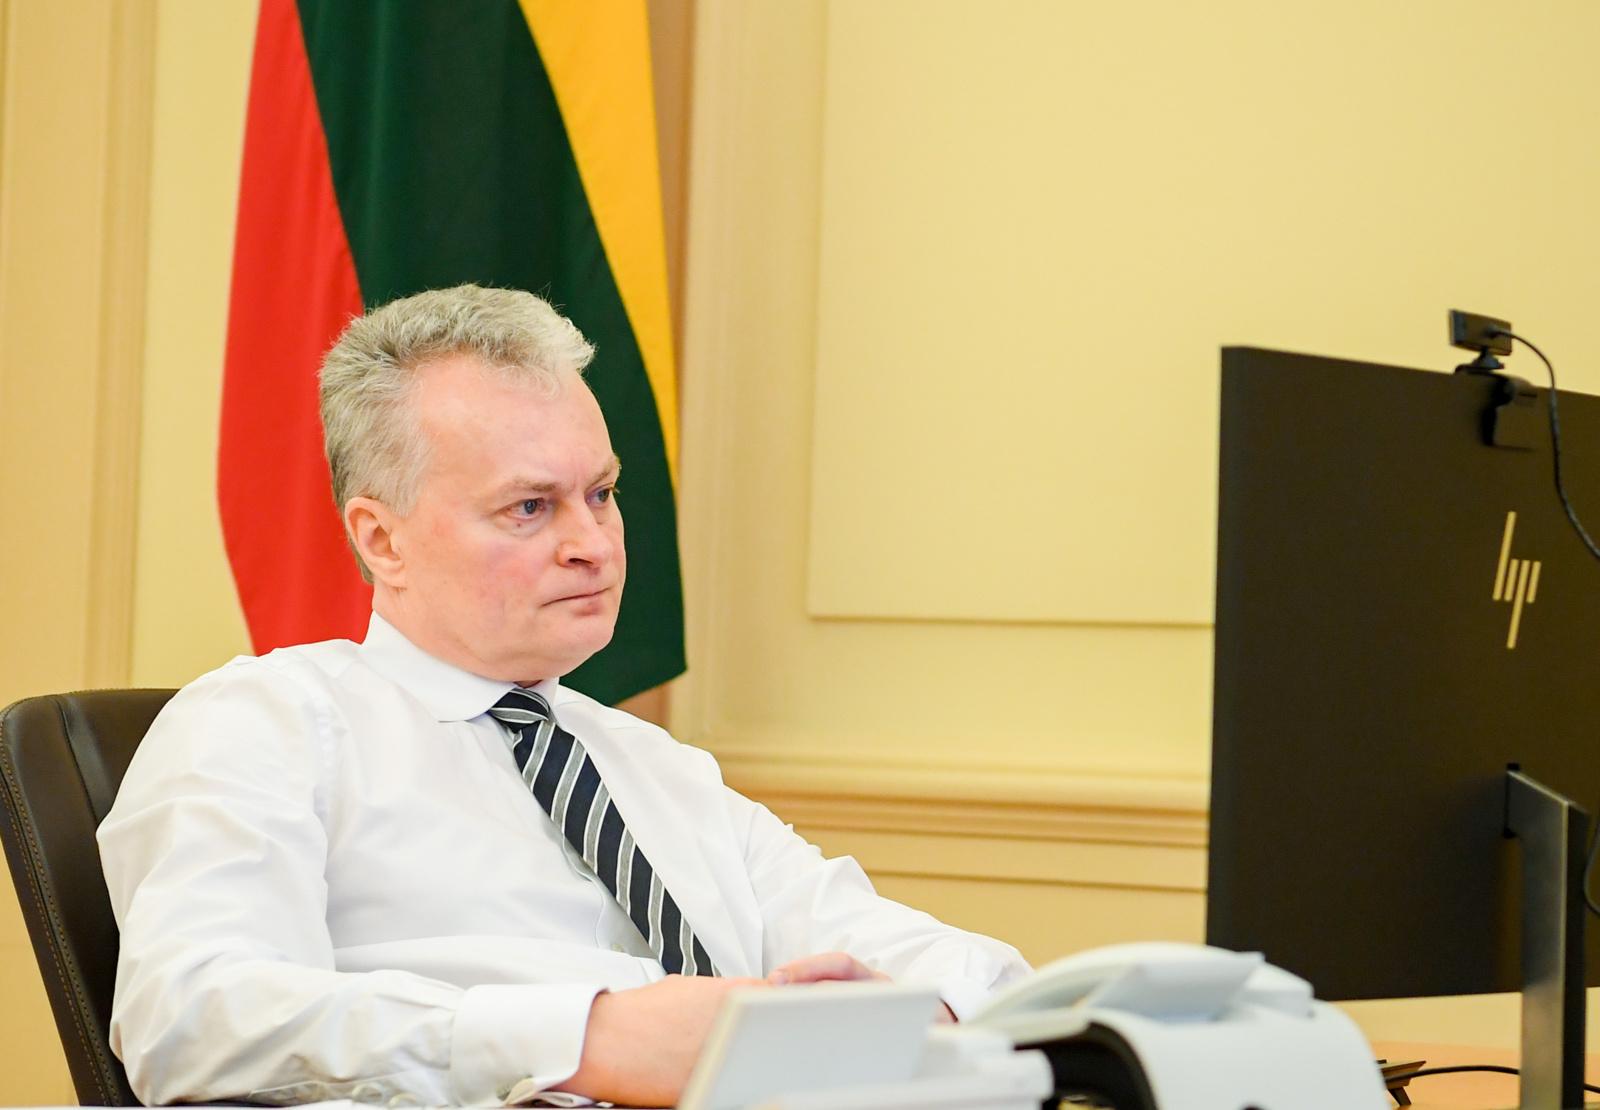 Prezidentas apie COVID-19 pirkimus kalbėsis su atsakingų institucijų atstovais